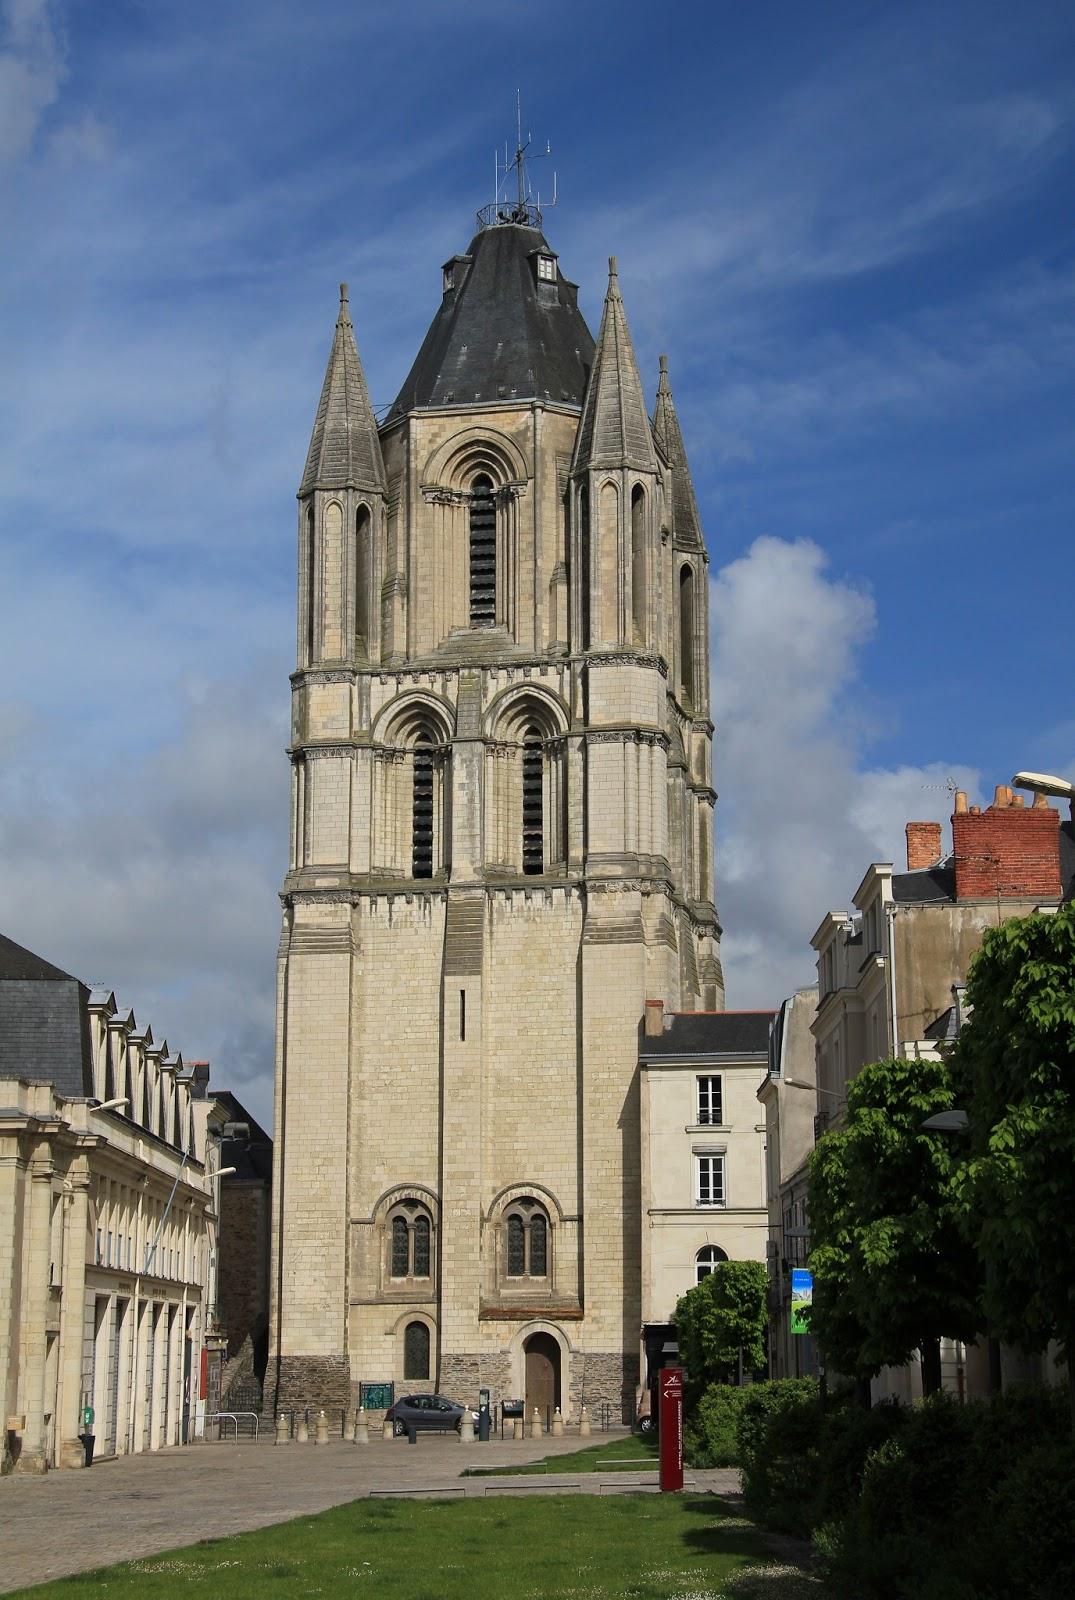 Merveilleux anjou a l 39 int rieur de la tour saint aubin d 39 angers - La petite cheminee saint aubin ...